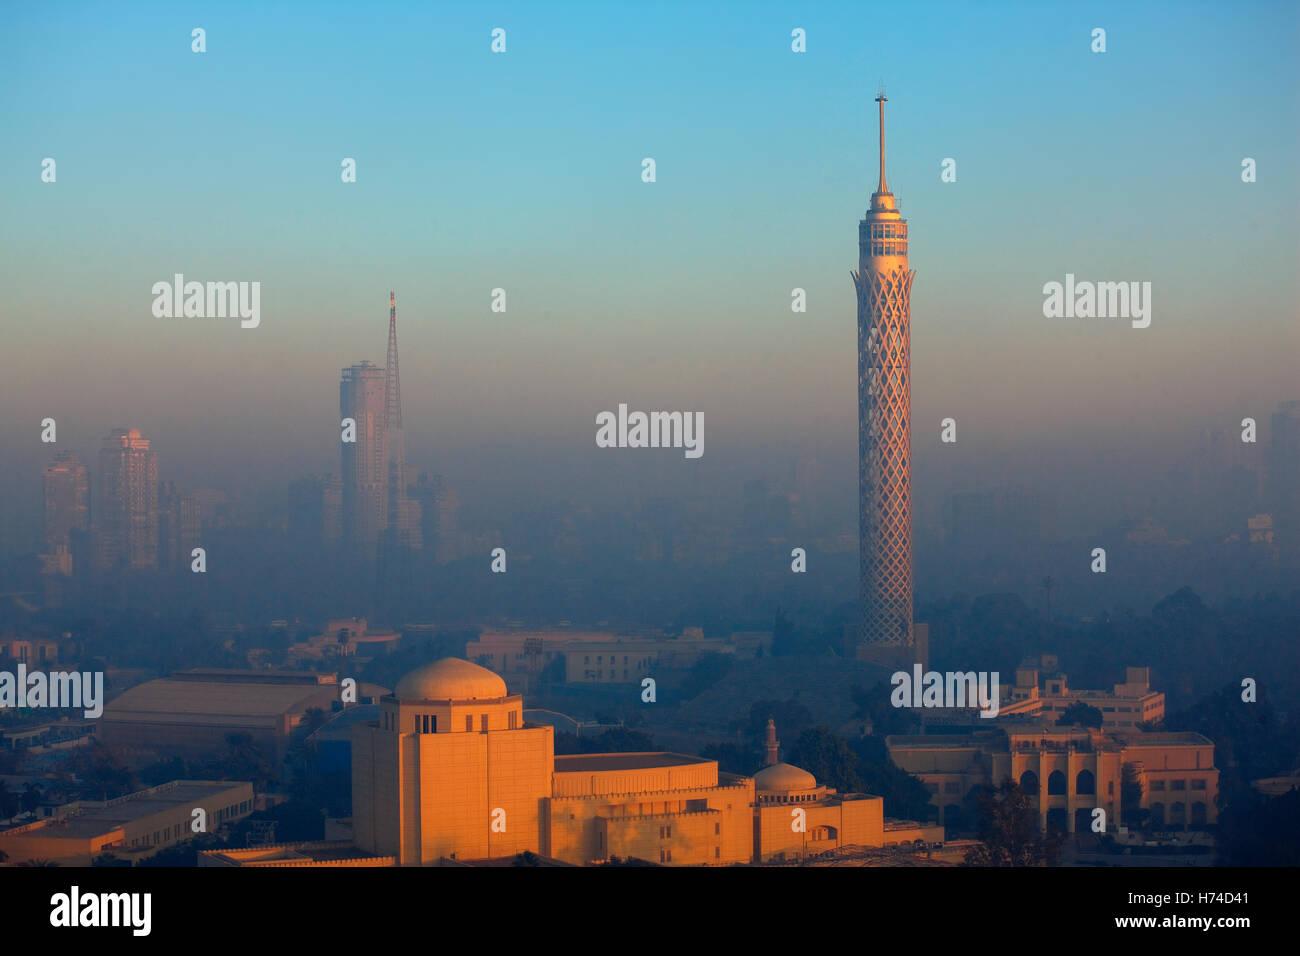 La torre della TV e di forte inquinamento del Cairo in Egitto Immagini Stock